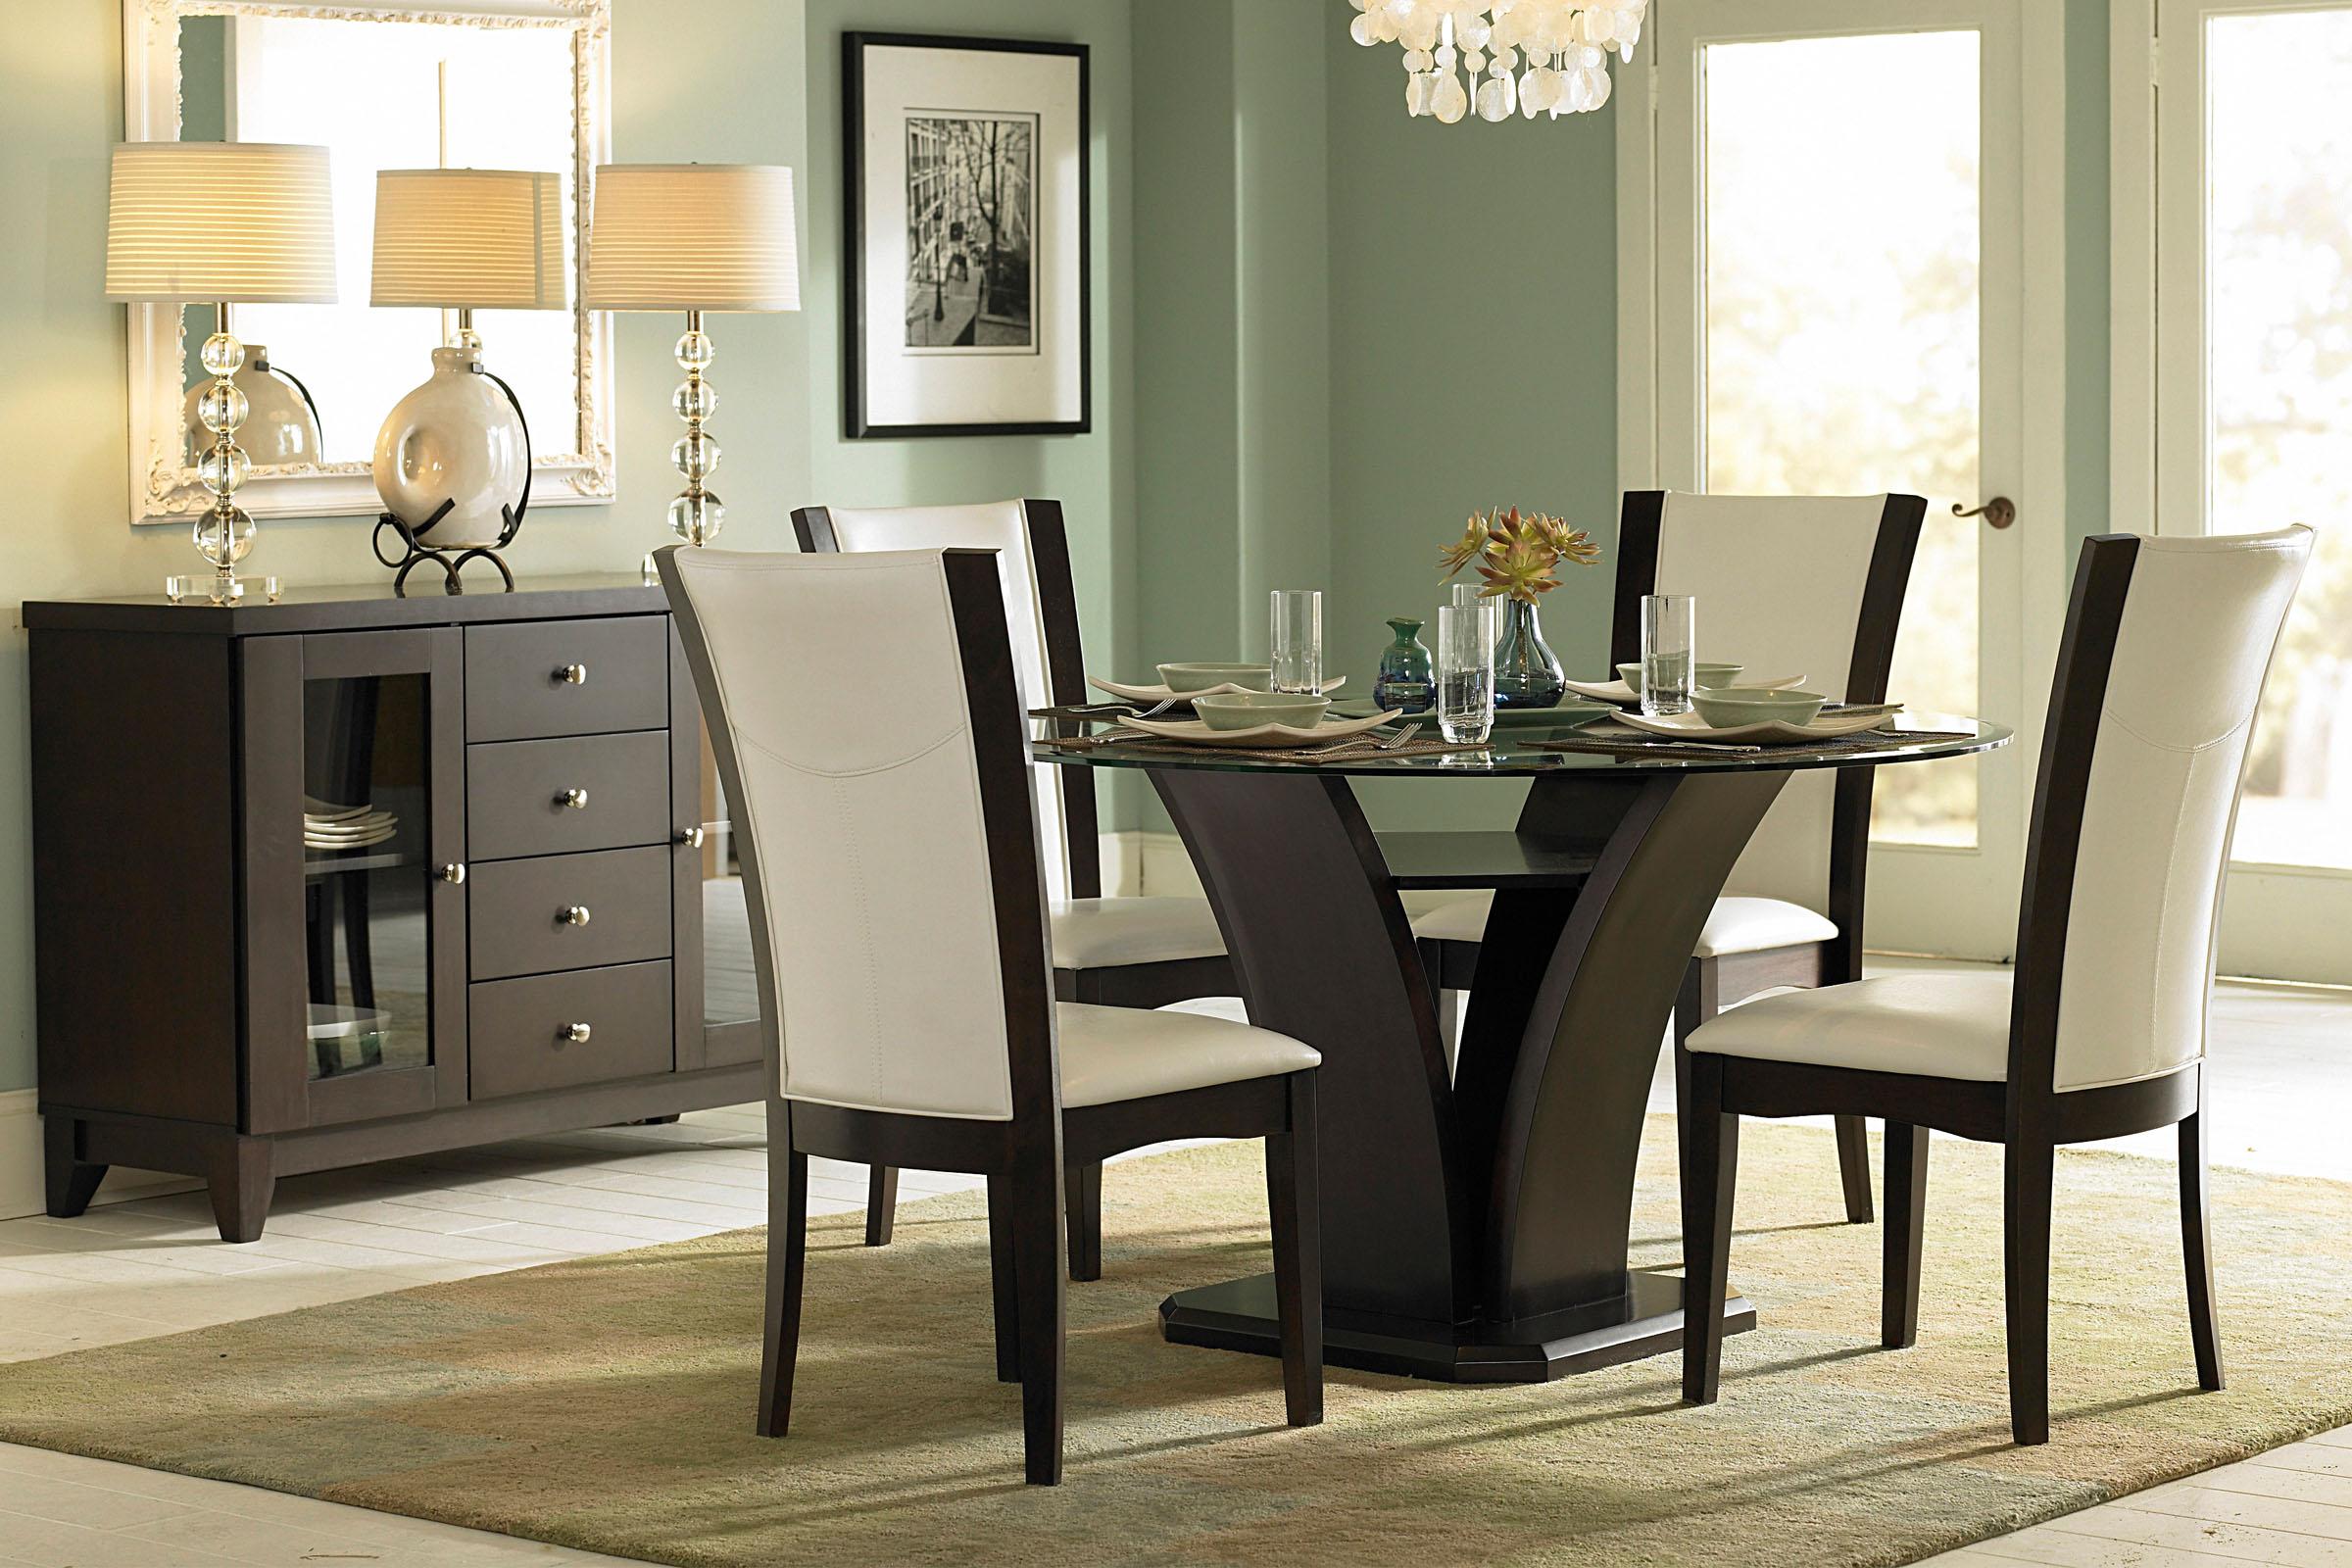 Gardner White Furniture